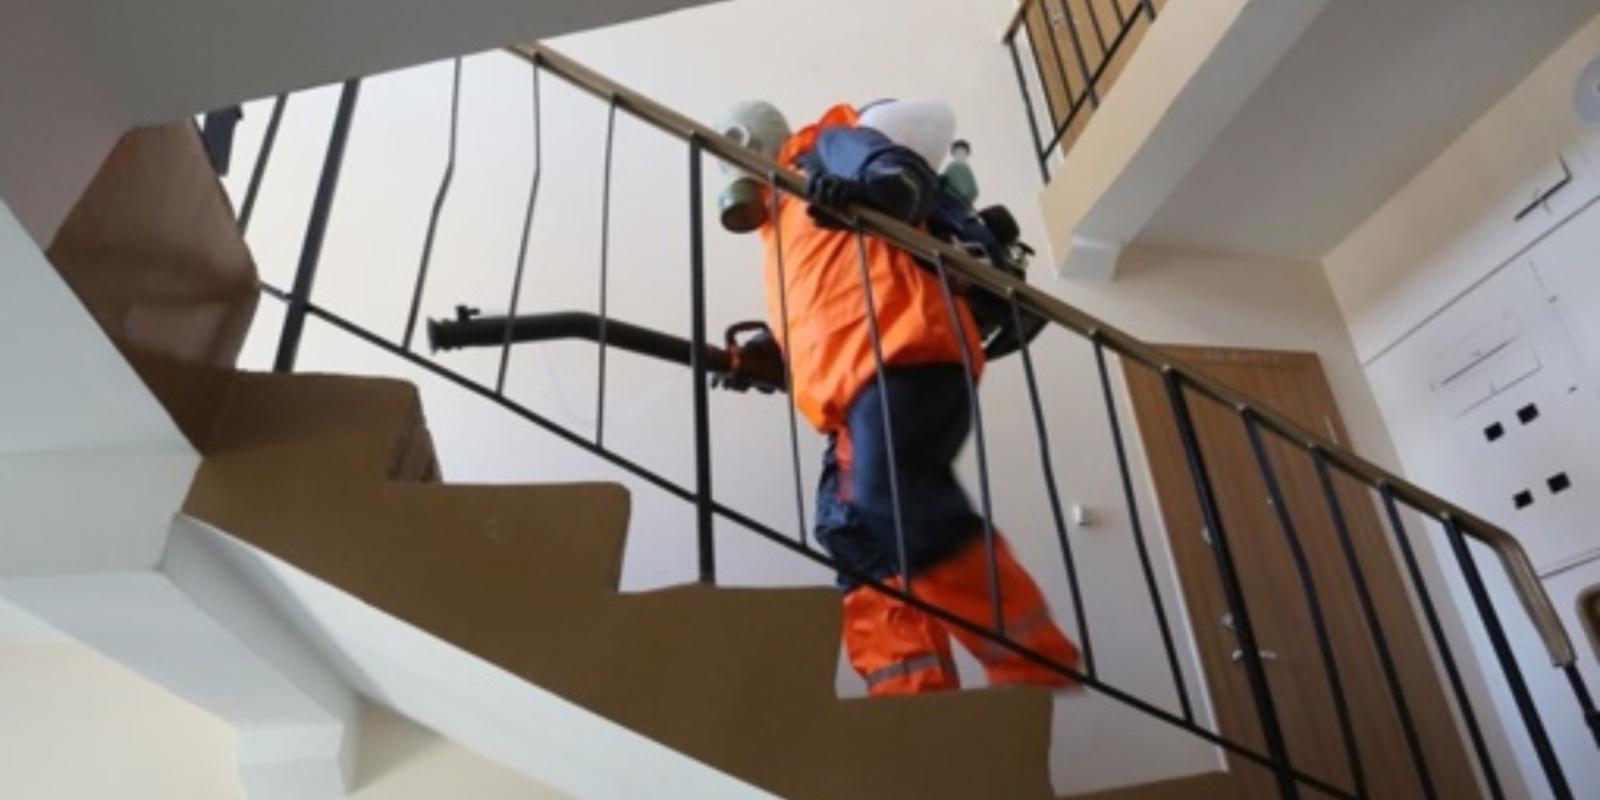 Varėnoje jau išdezinfekuota daugiau kaip pusė daugiabučių namų bendrojo naudojimo patalpų